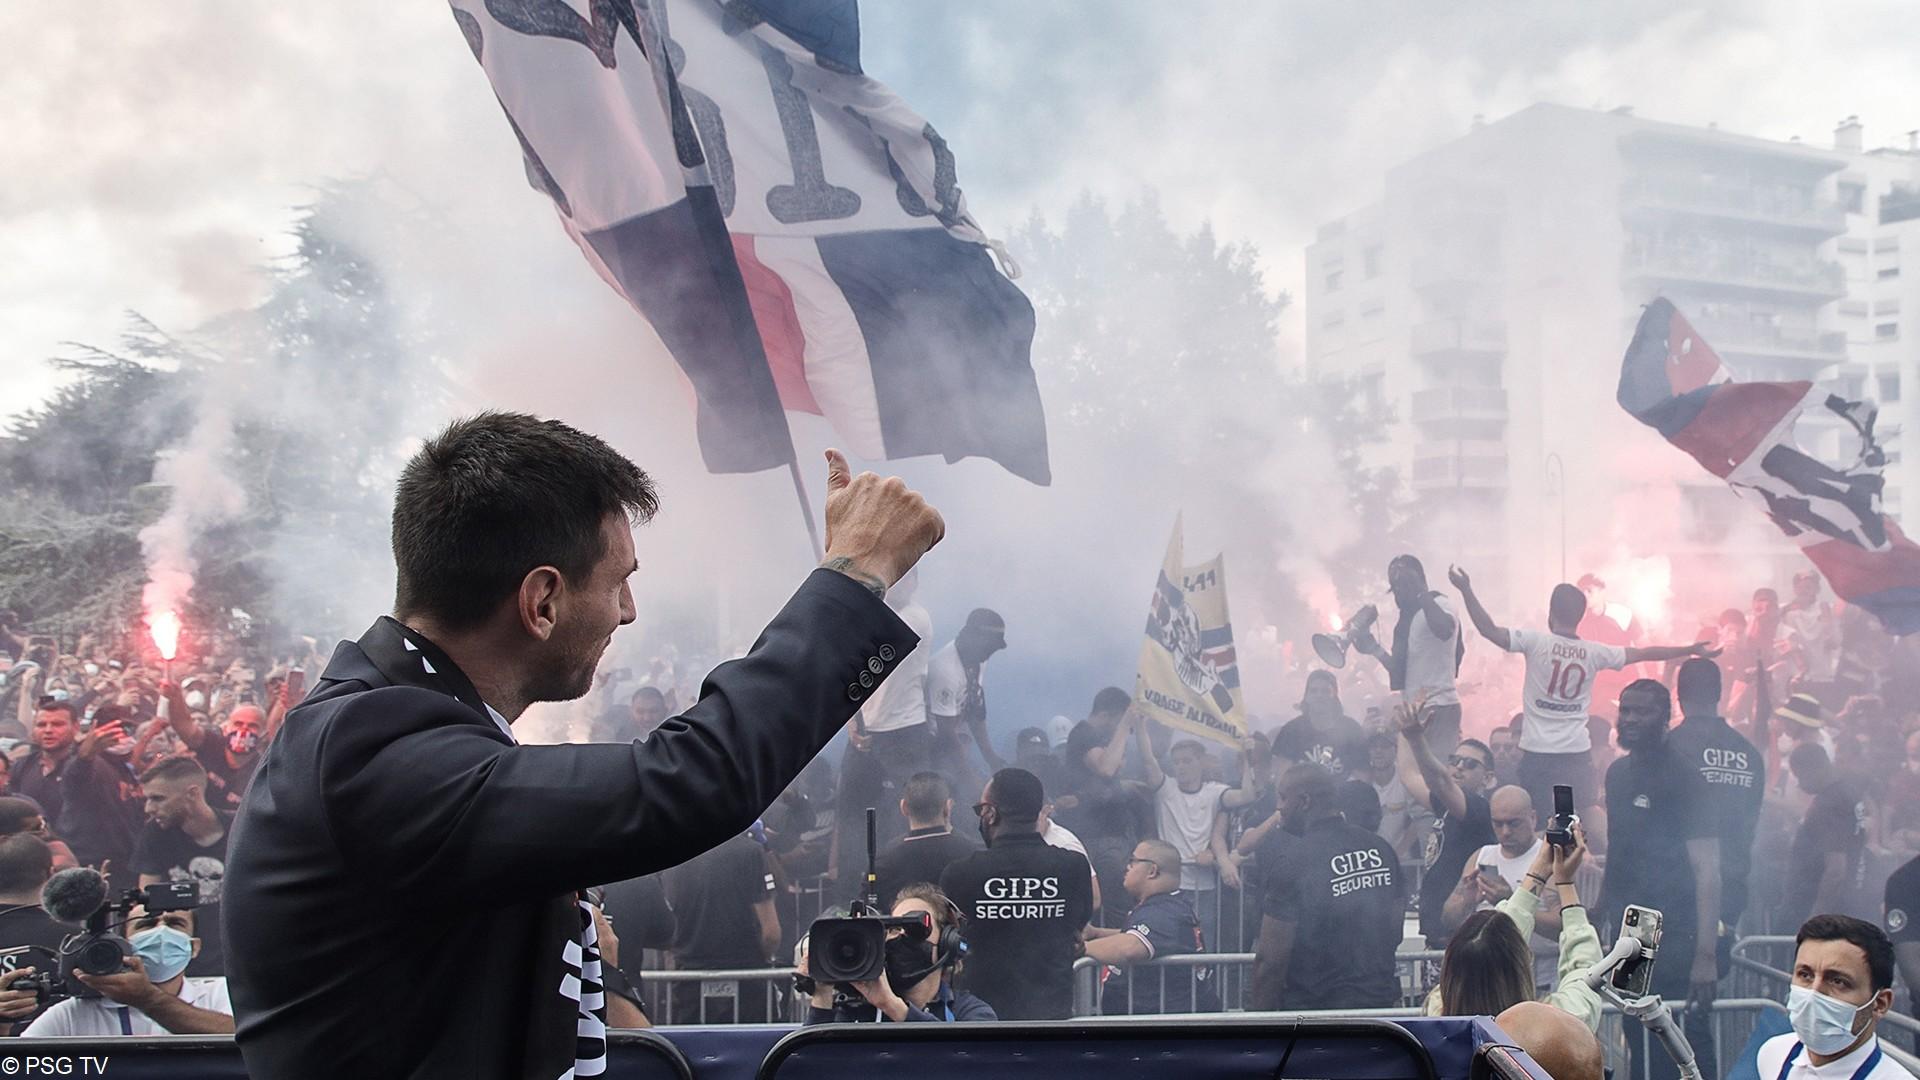 Leo Messi – PSG (aout 2021) (8) (c) PSG